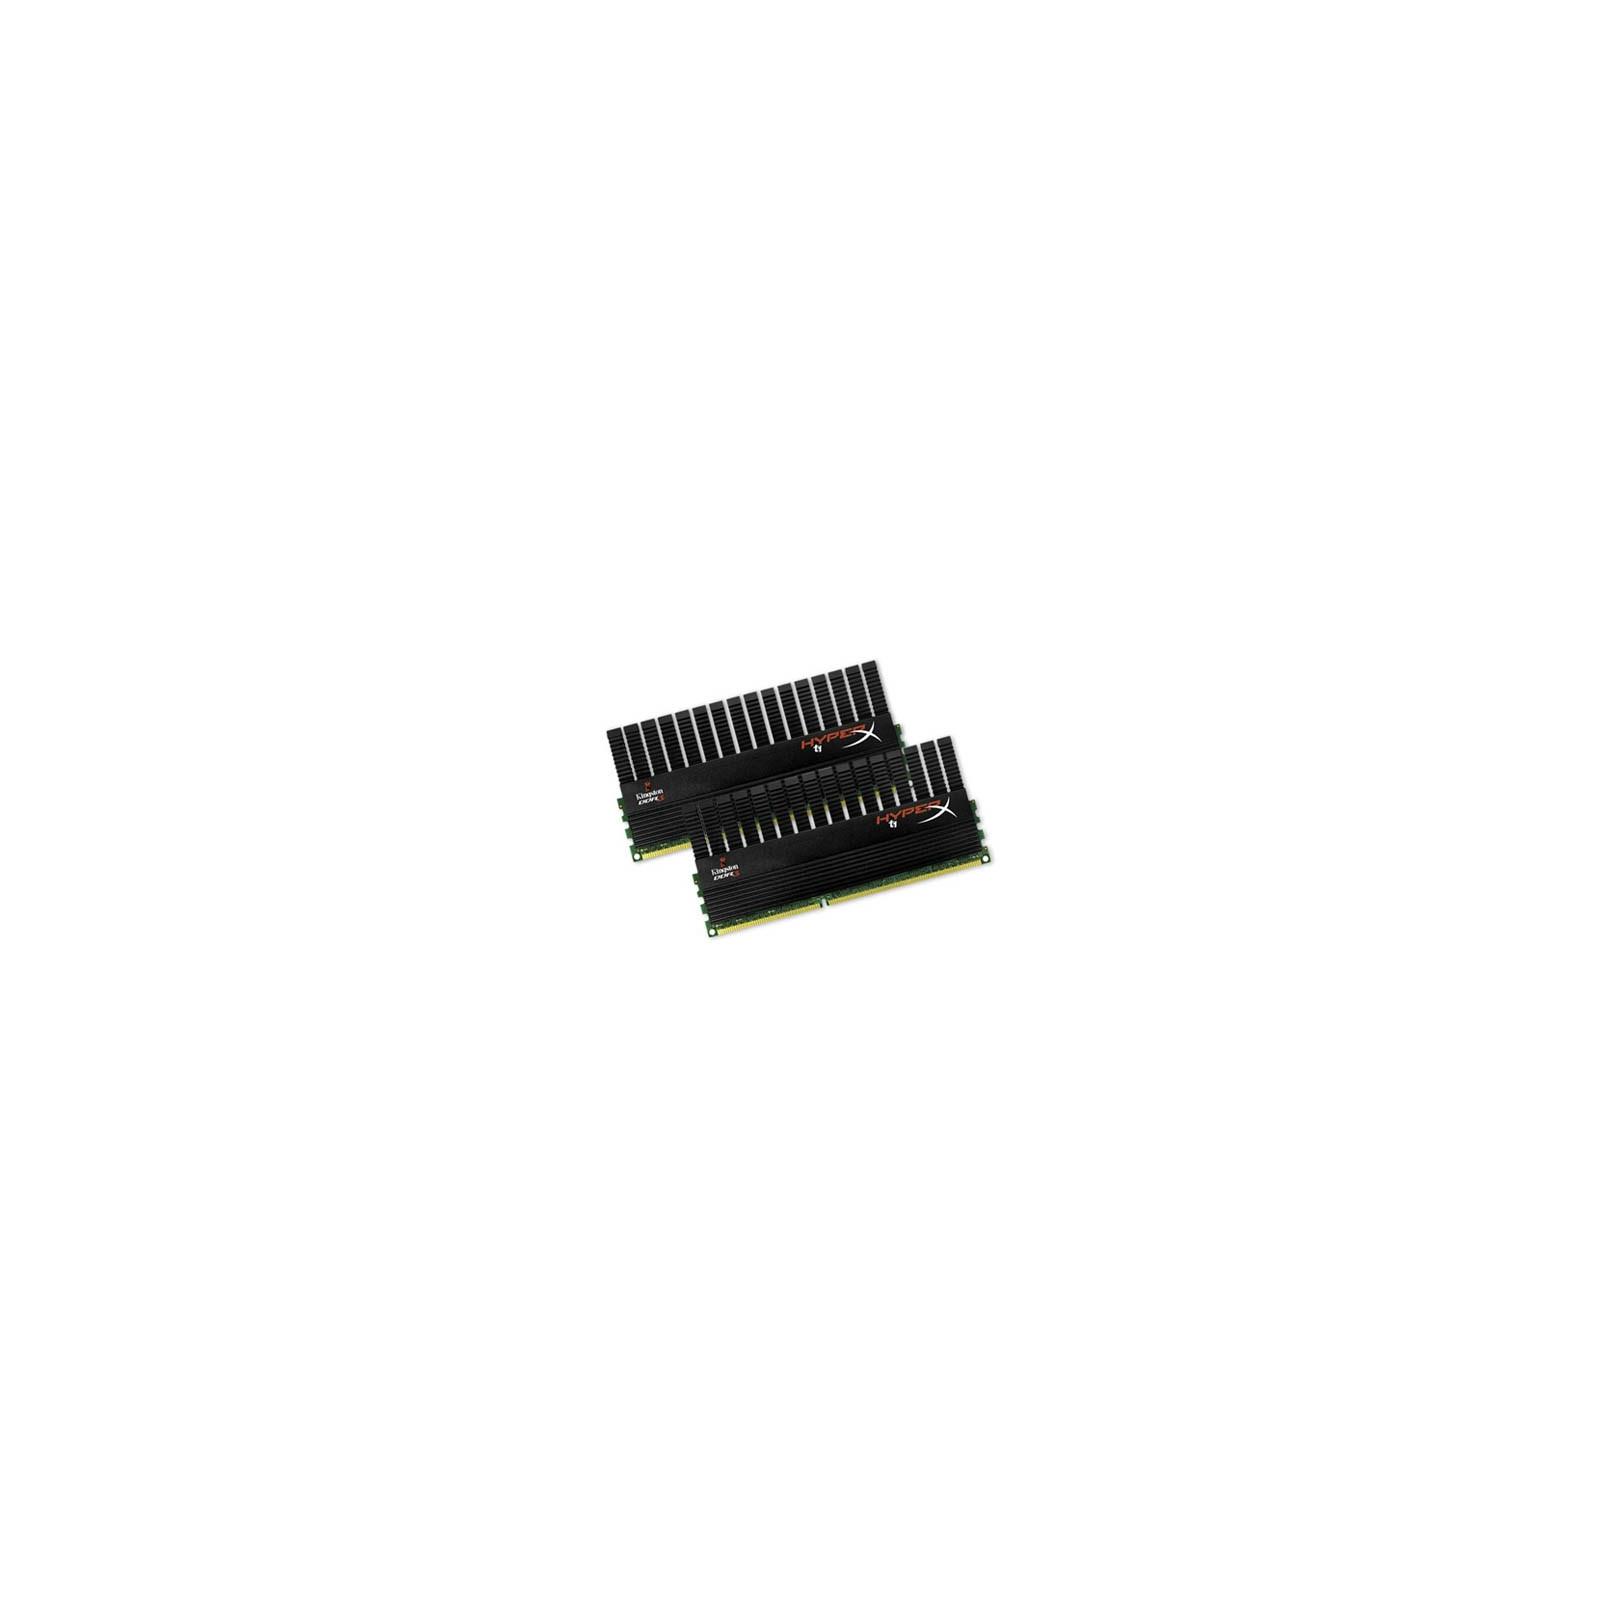 Модуль памяти для компьютера DDR3 16GB (2x8GB) 2133 MHz Kingston (KHX21C11T1BK2/16X)